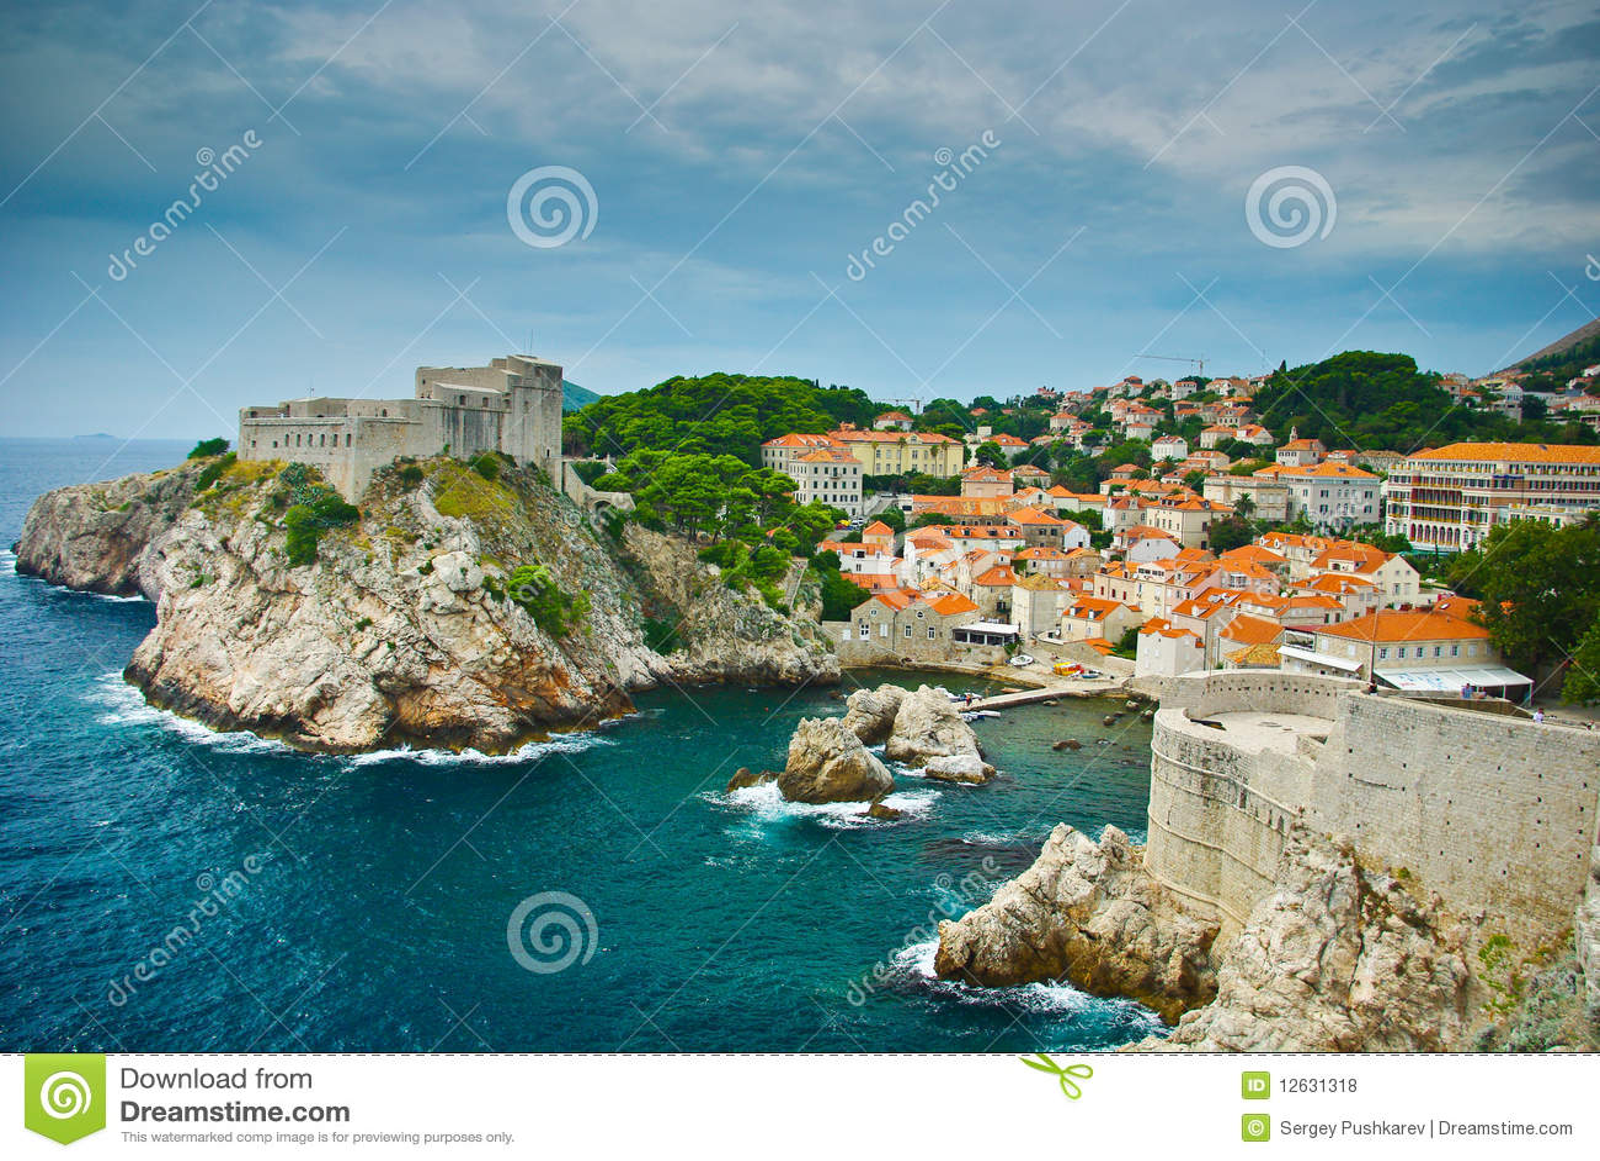 De vesting van Dubrovnik